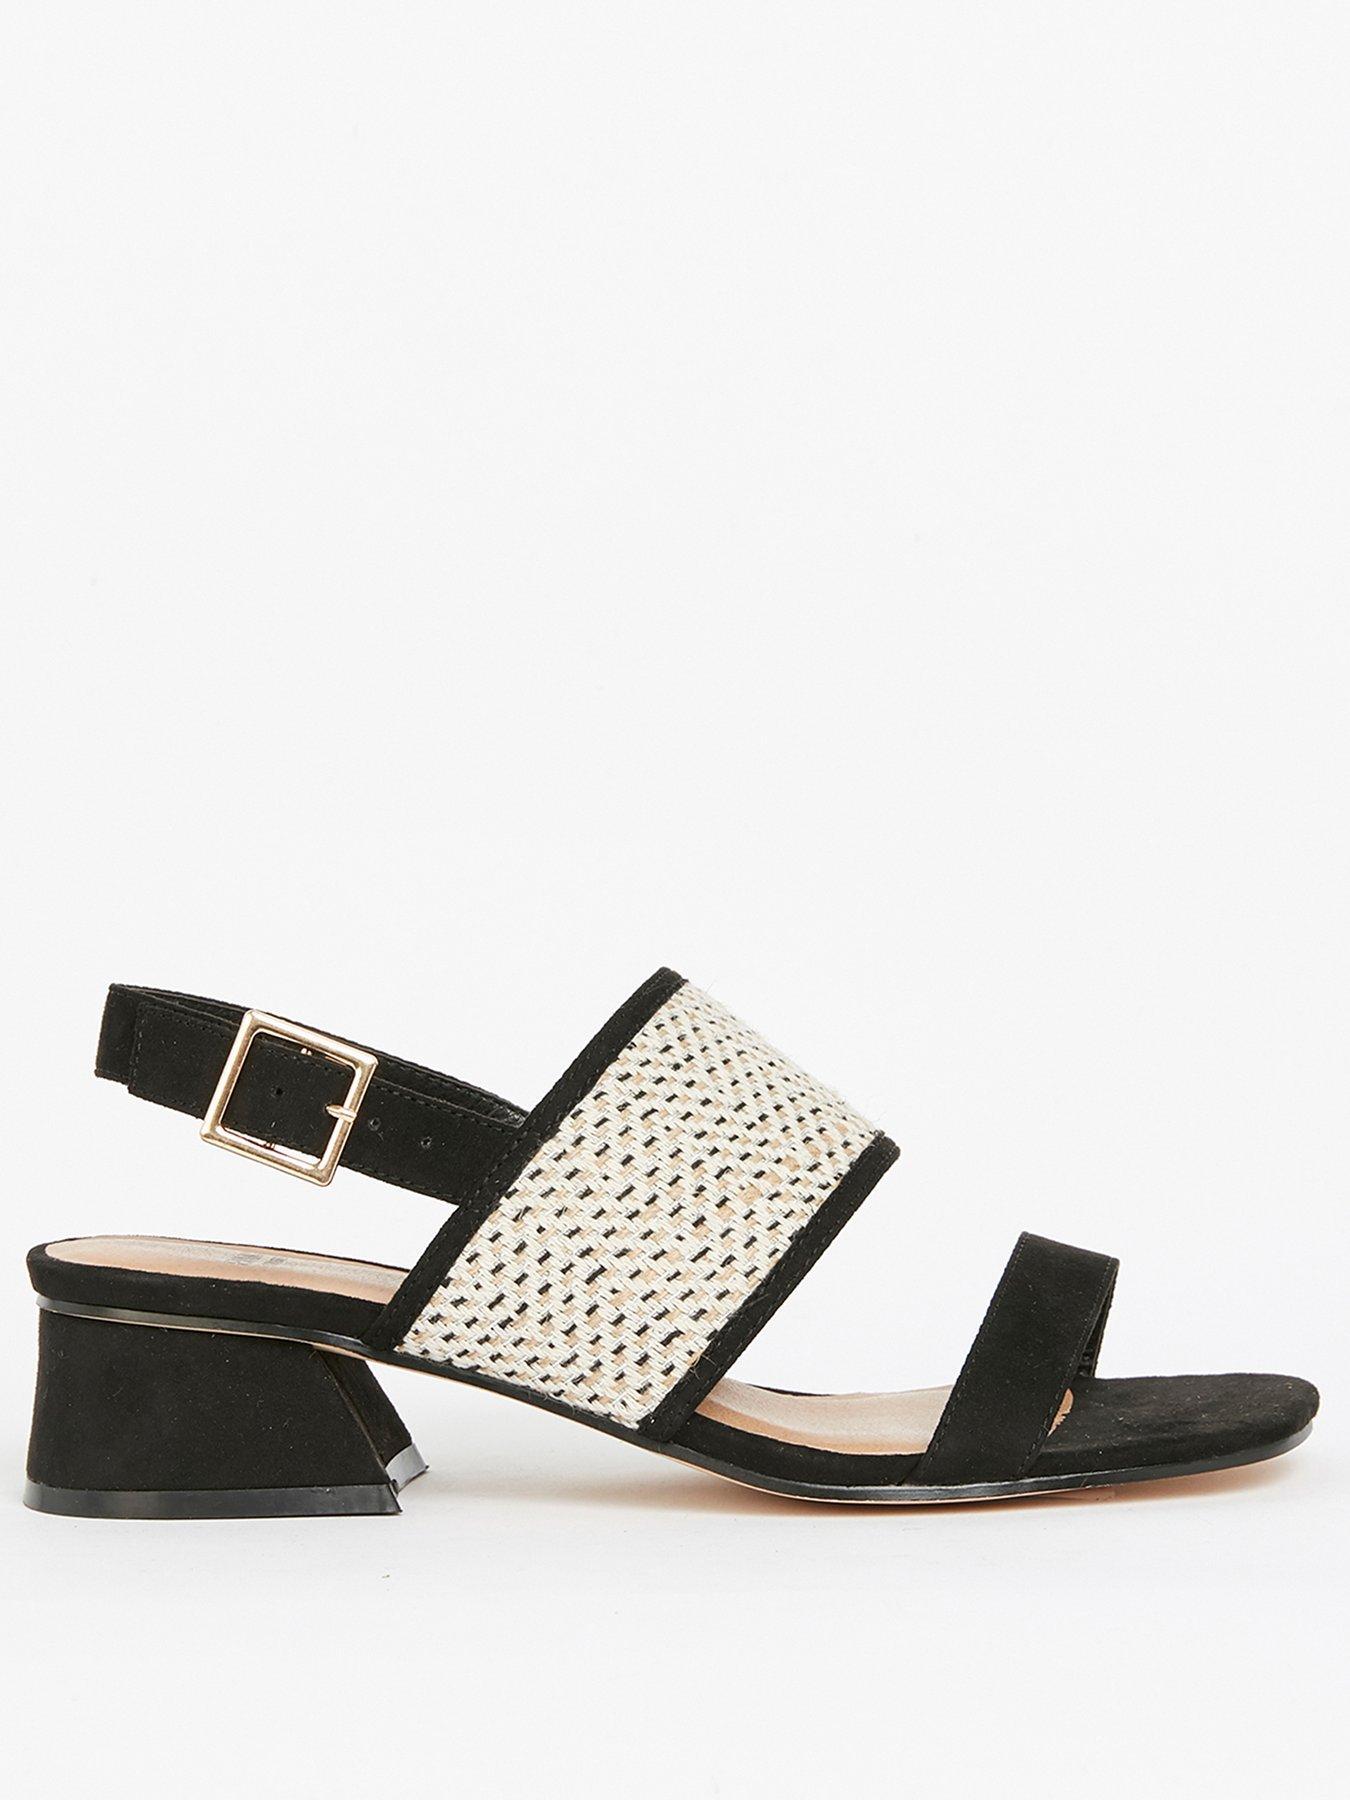 Evans   Heels   Shoes \u0026 boots   Women